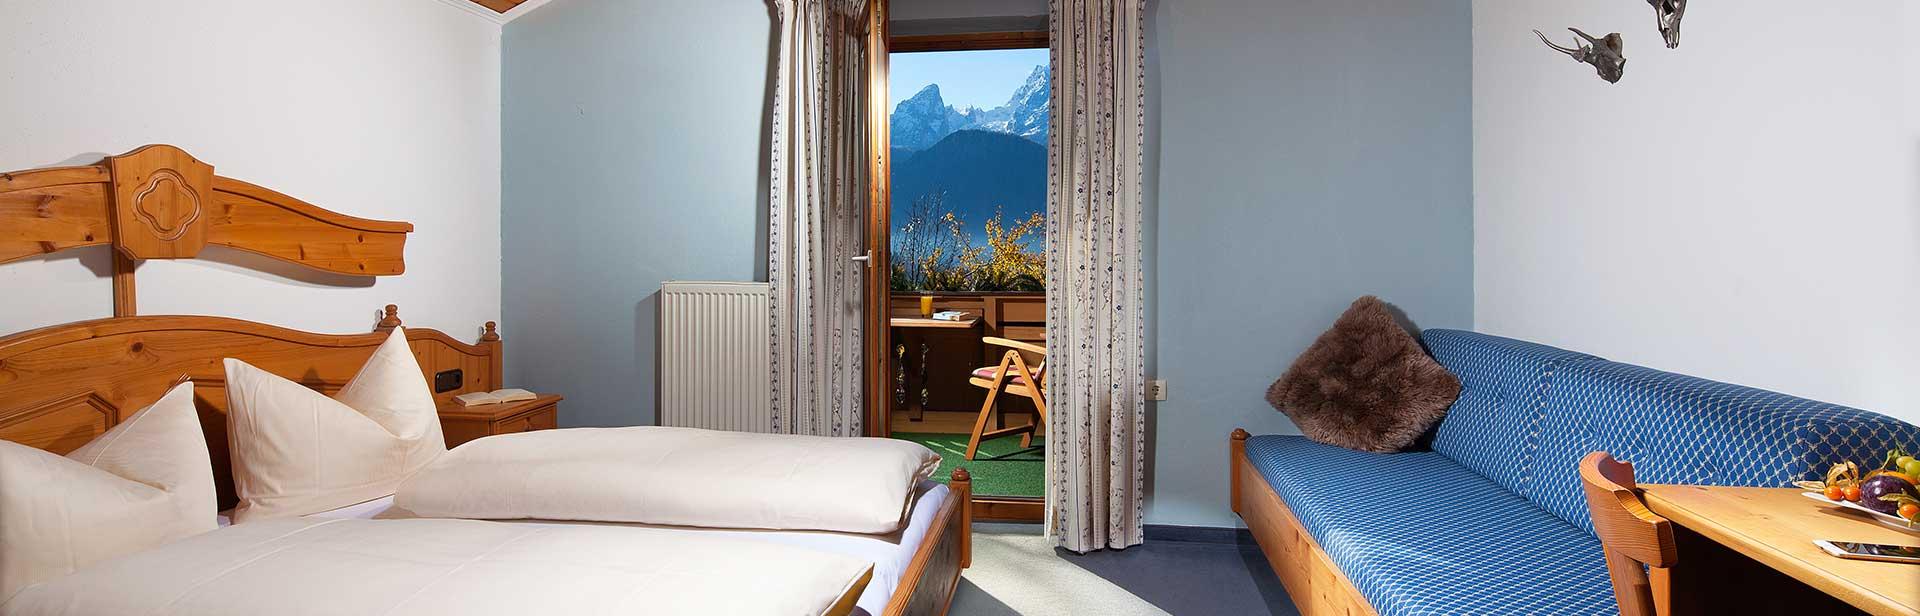 Familienzimmer berchtesgaden familienurlaub for Urlaub familienzimmer